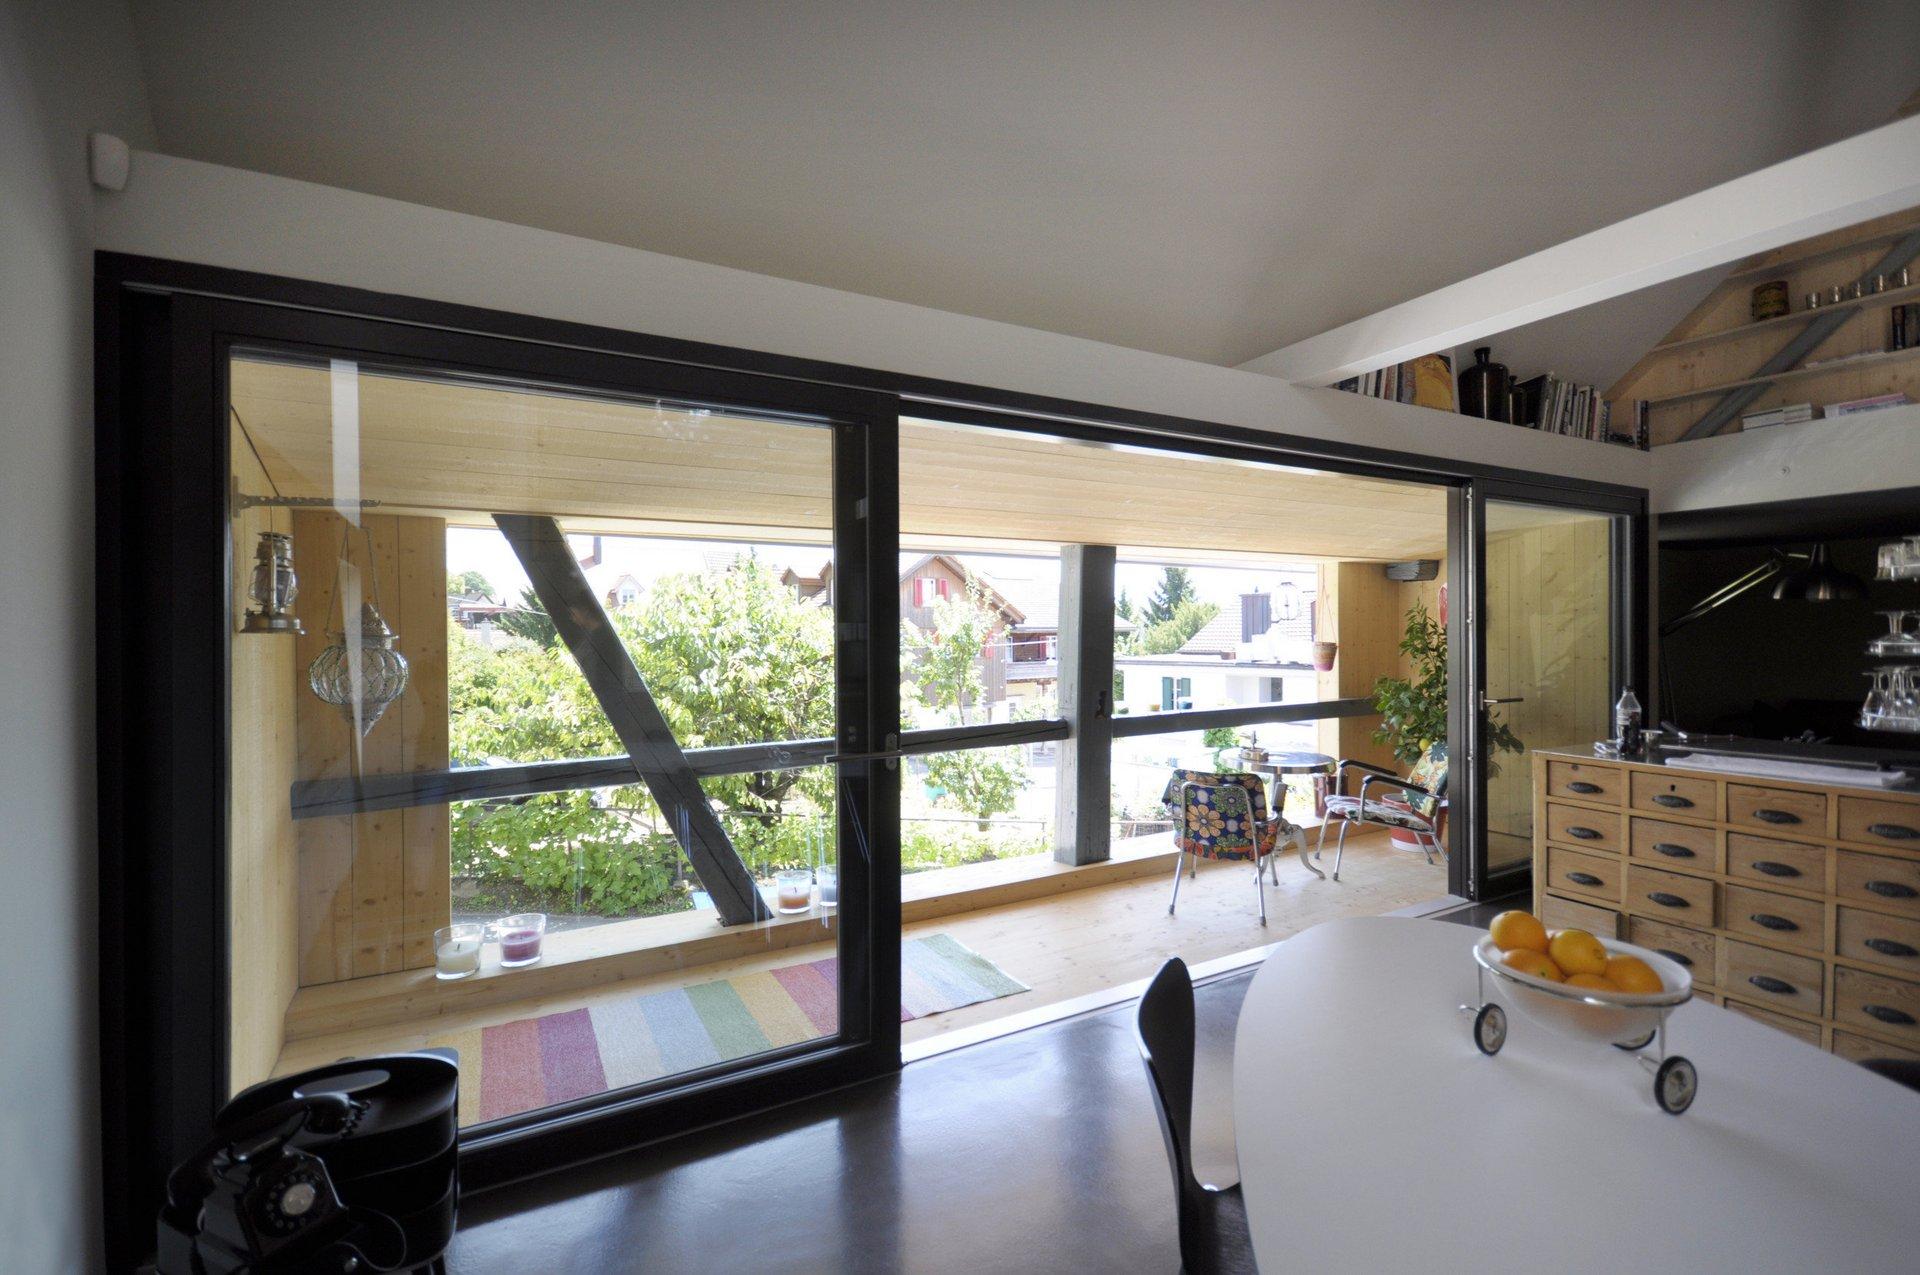 Möblierter Wohnbereich mit Fokus auf grosse Hebe-Schiebetüren die die Wand ersetzen